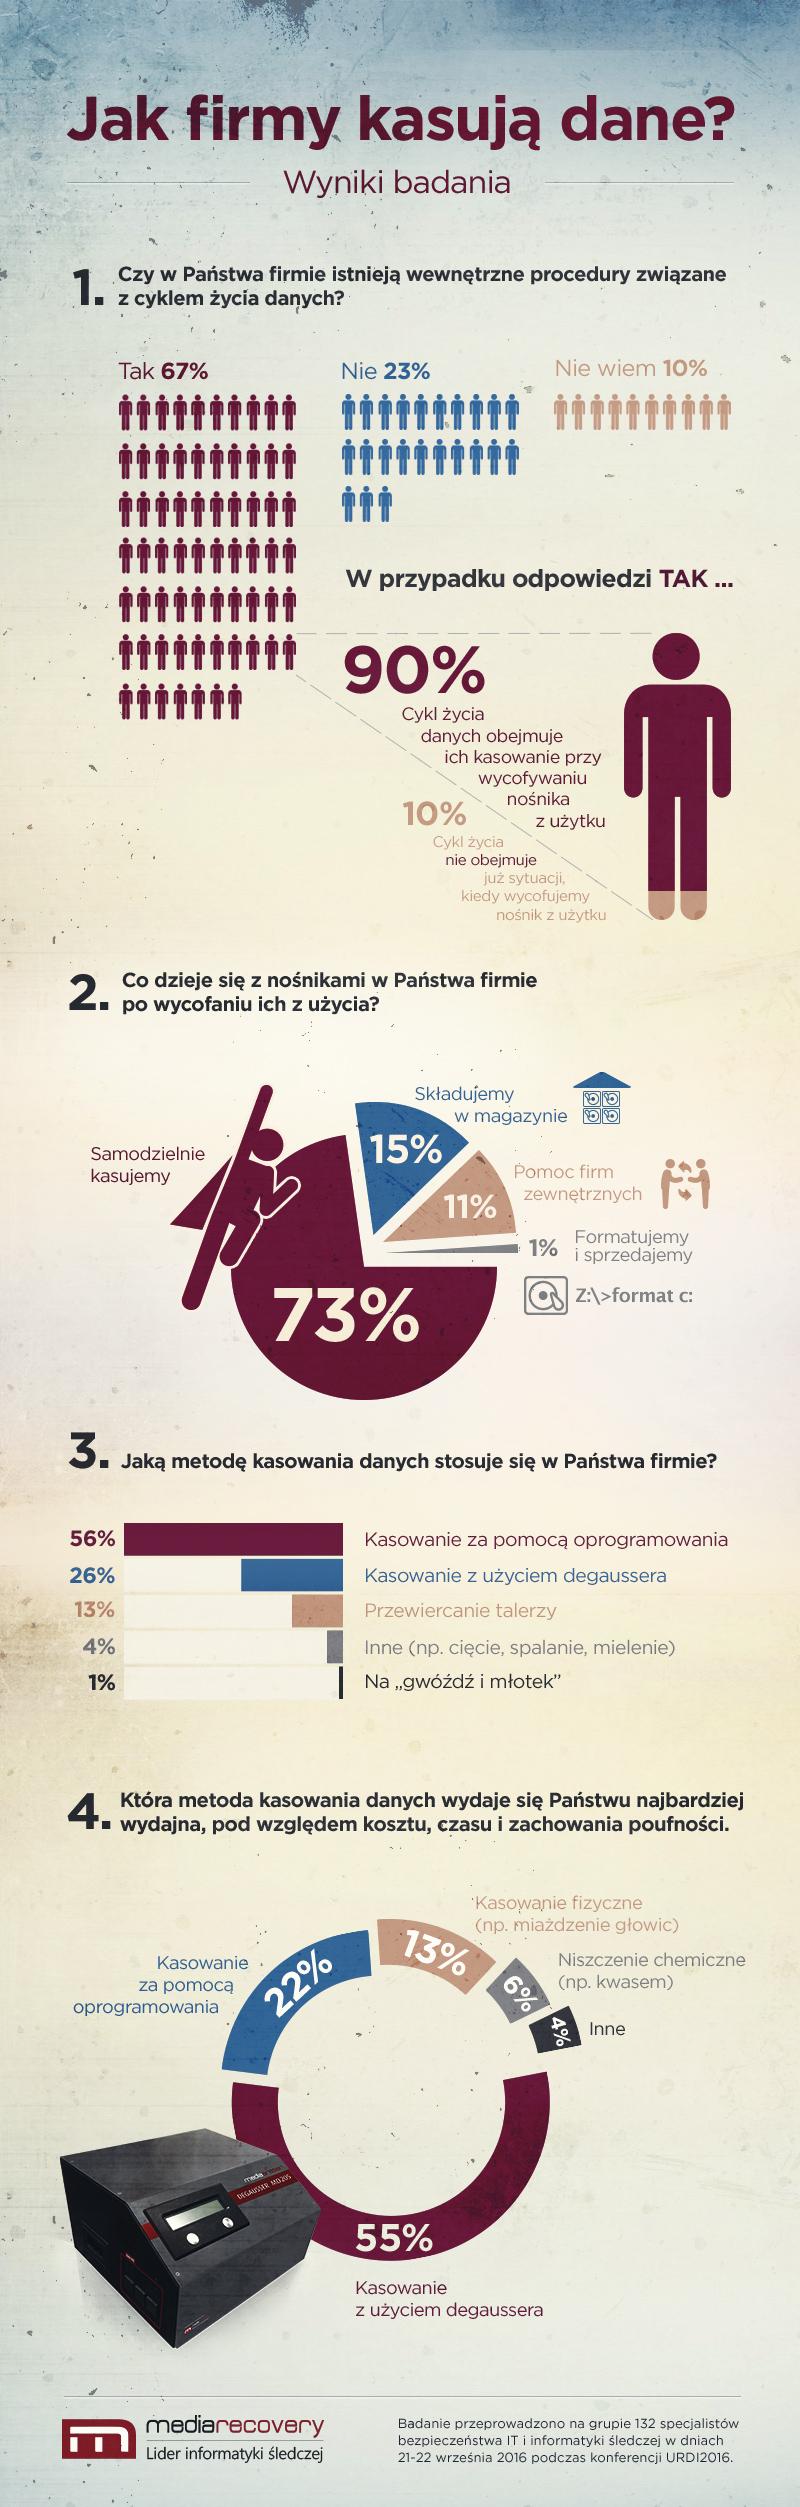 Kasowanie danych - infografika - Magazyn Informatyki Śledczej